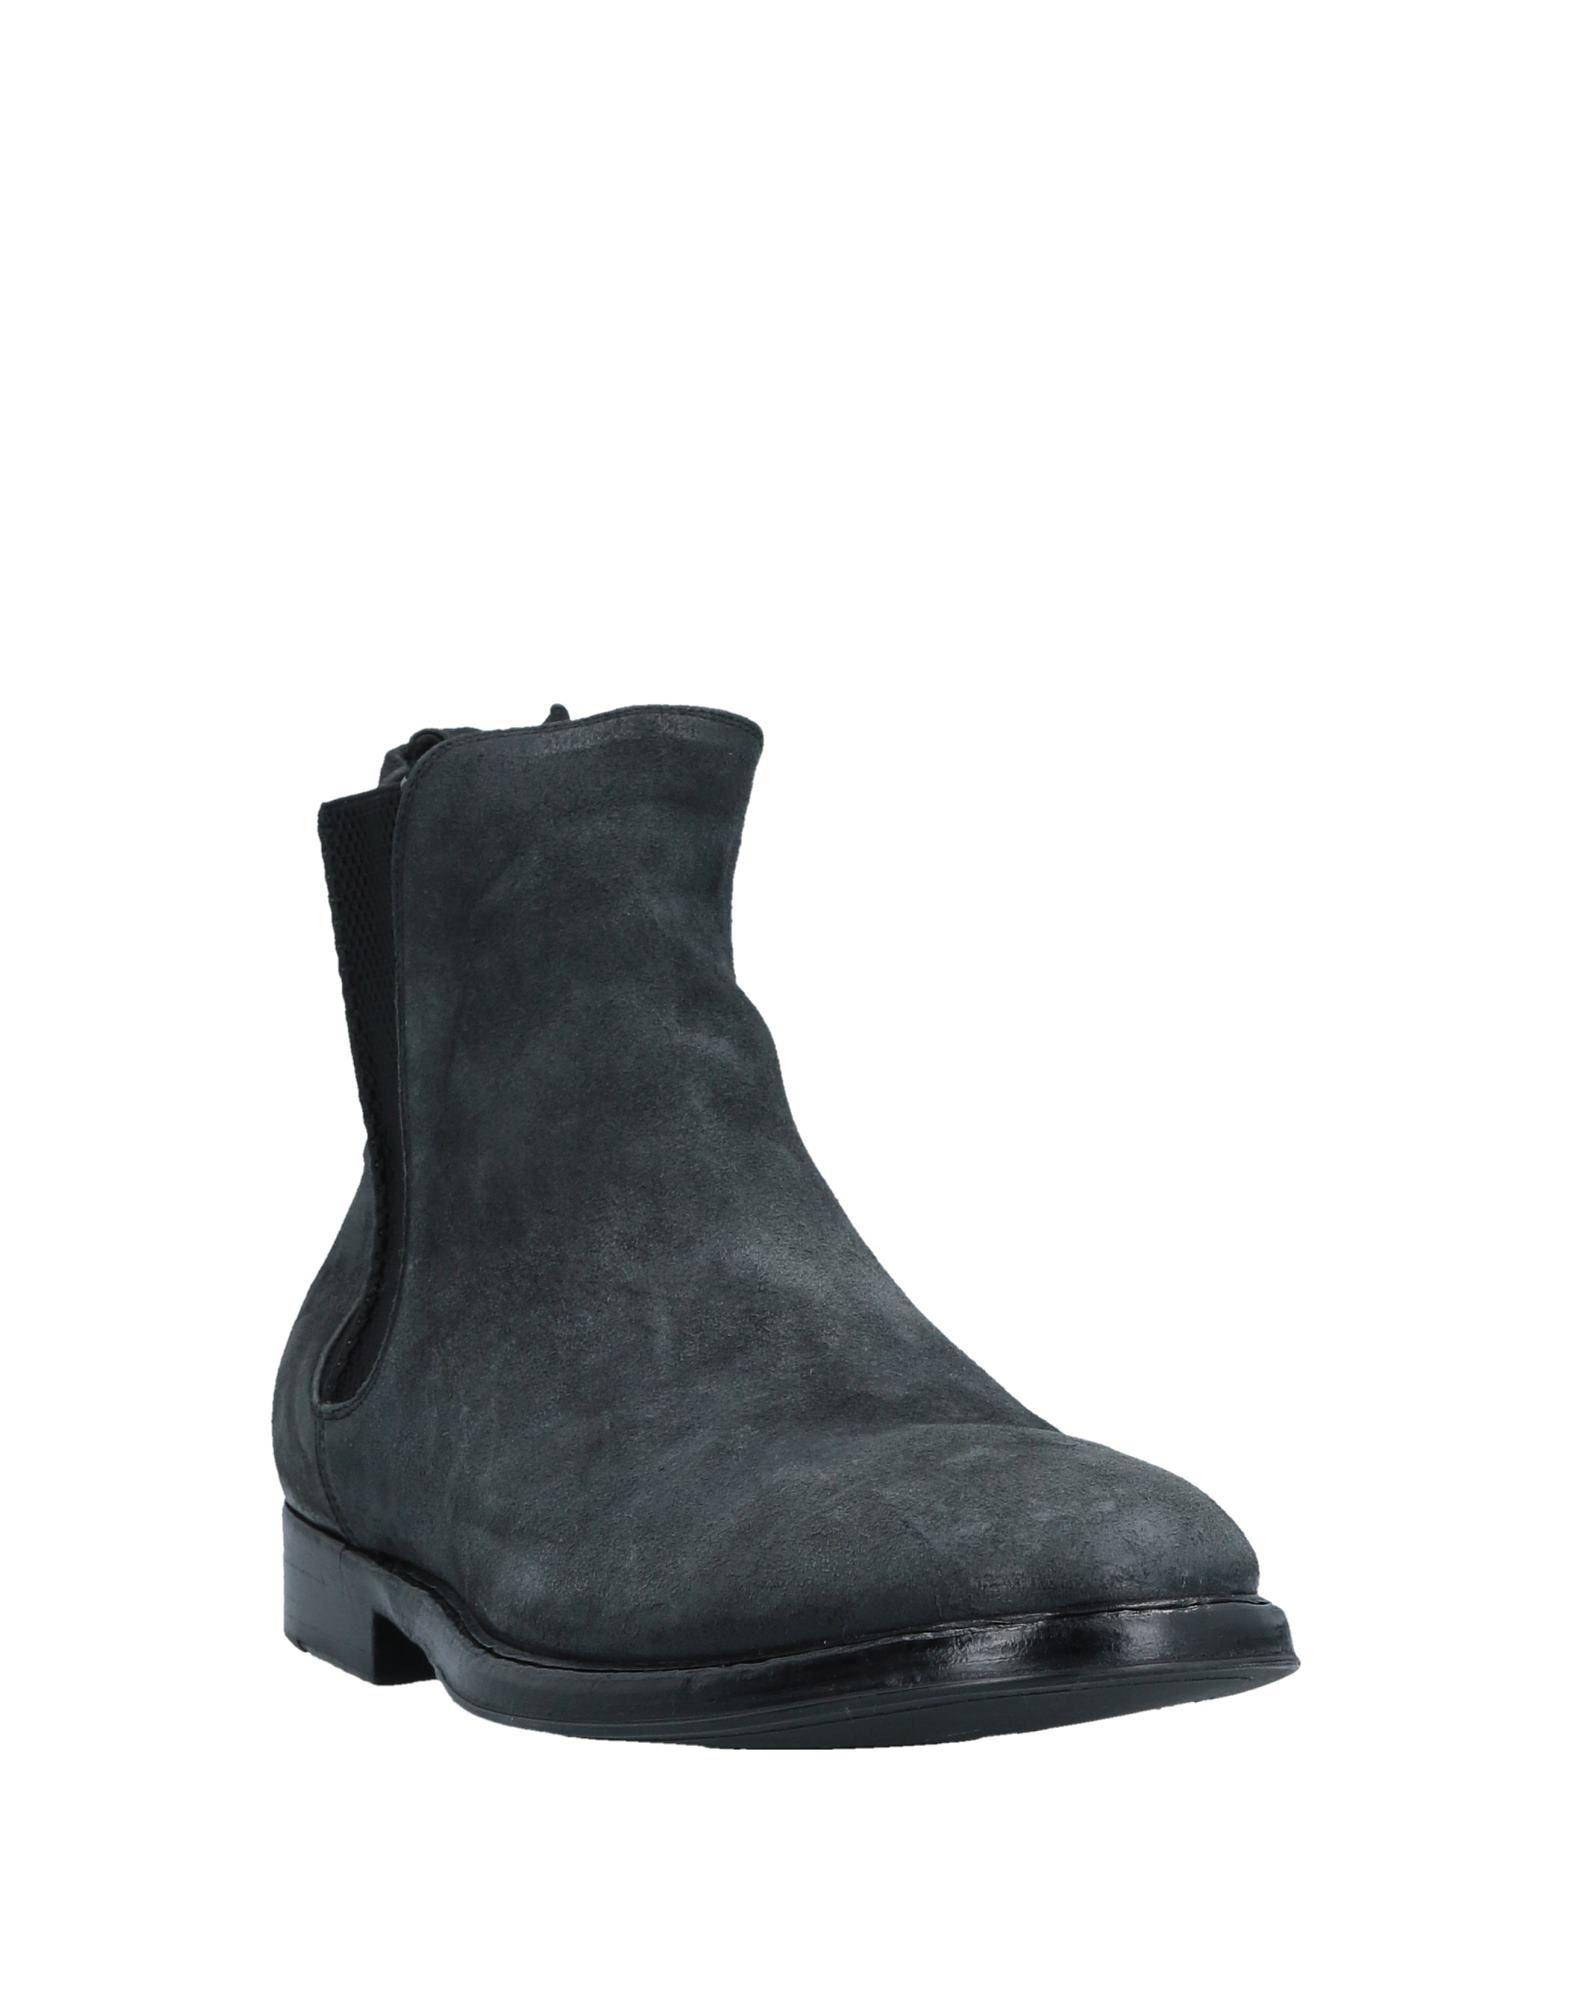 Alberto Fasciani Stiefelette Herren    11513530WO Neue Schuhe 322806